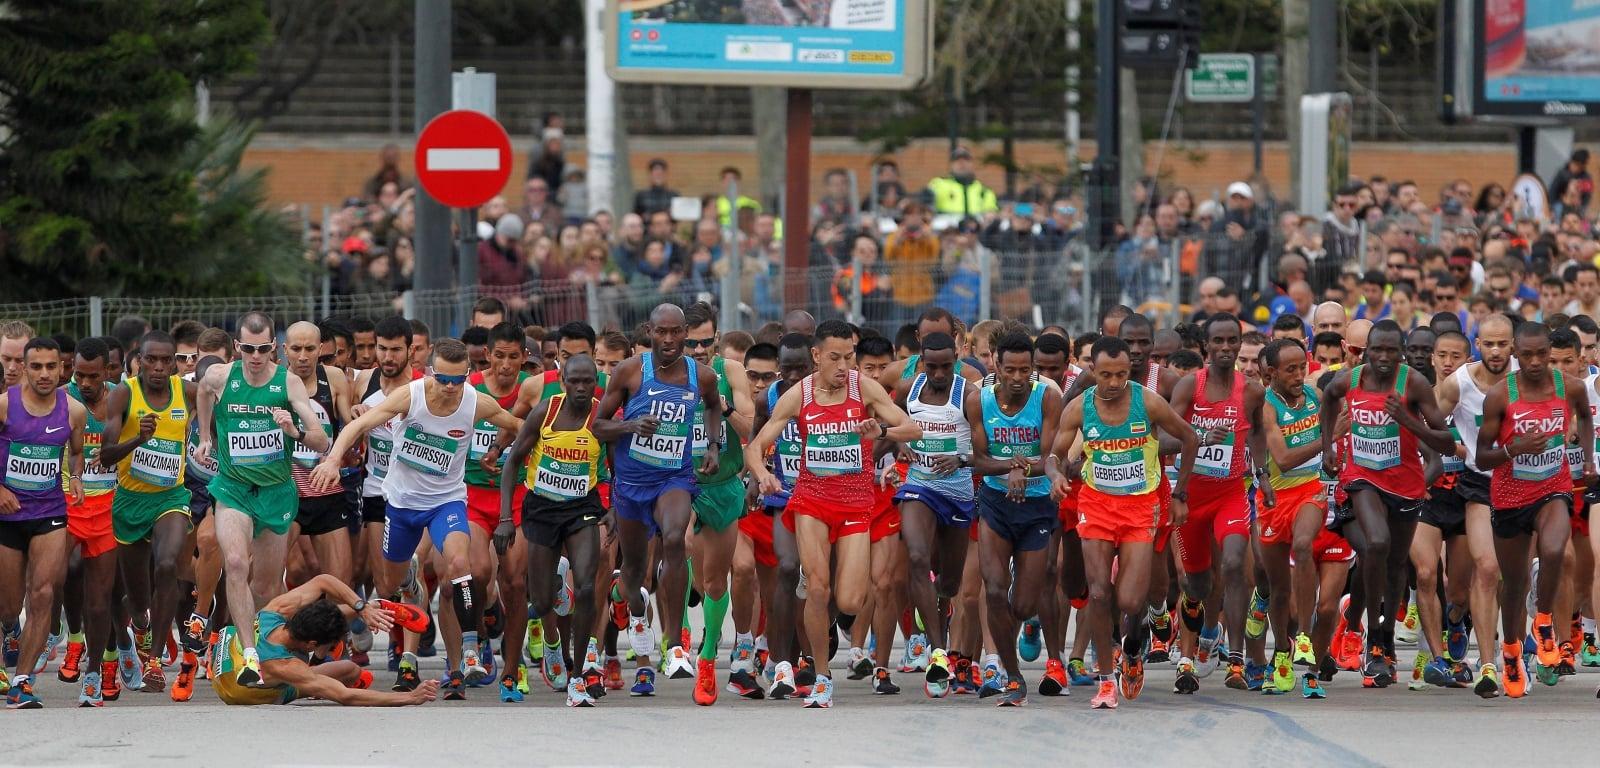 Zawody lekkoatletyczne w Walencji, Włochy